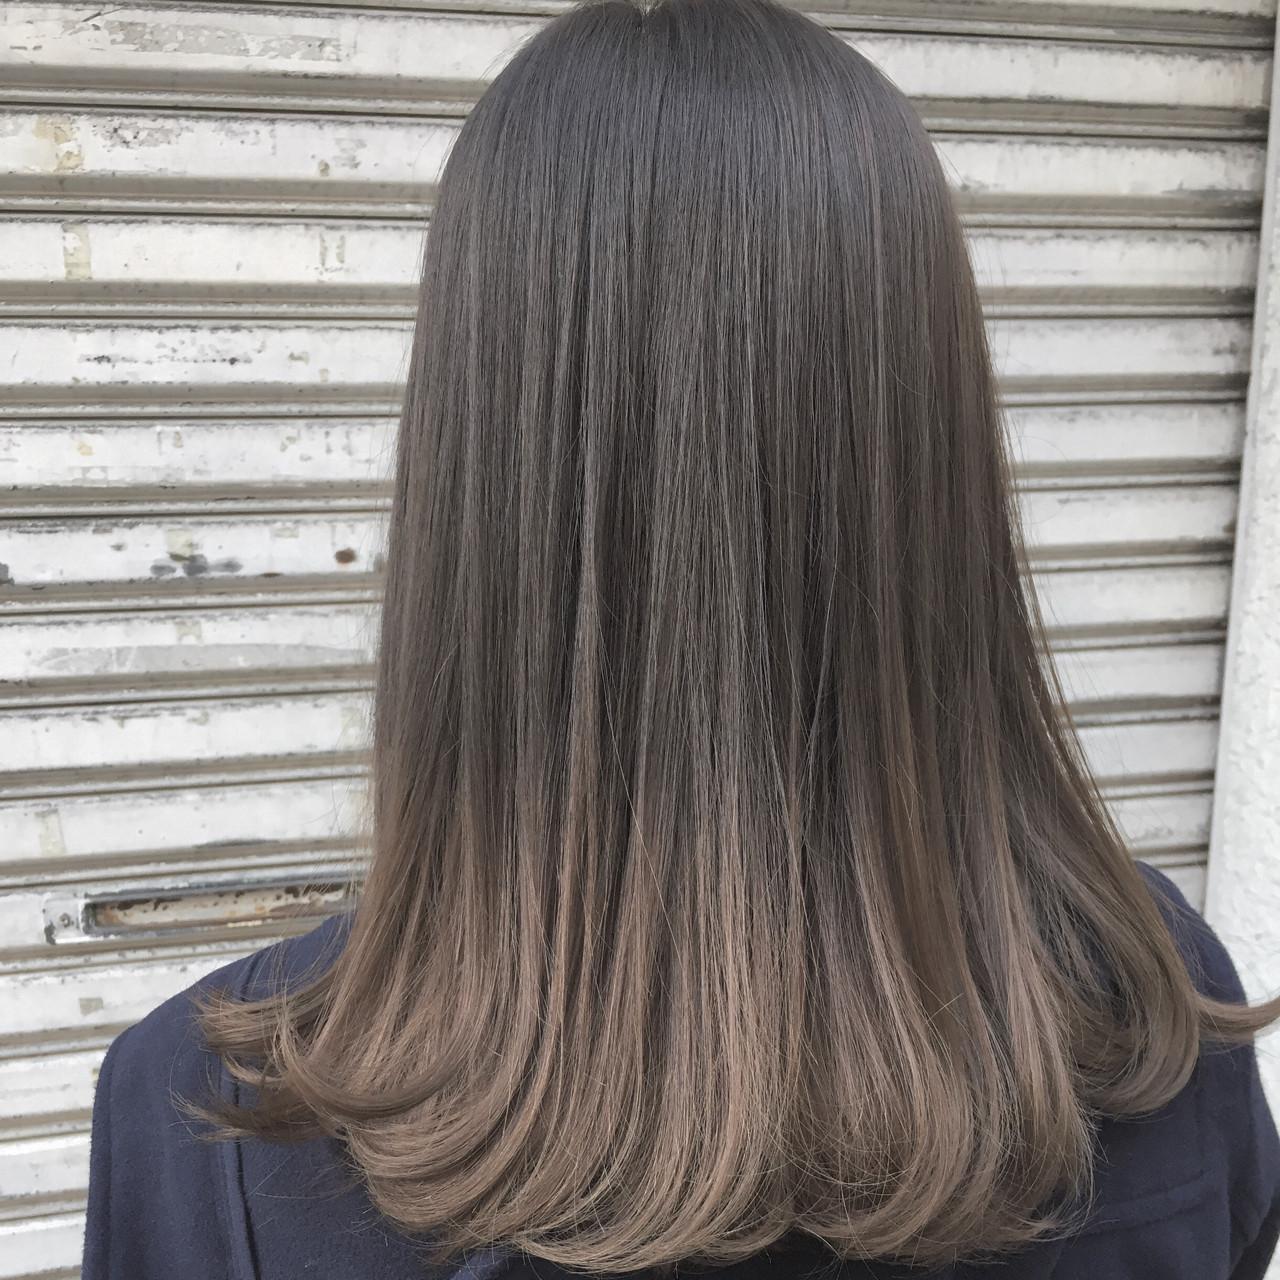 外国人風 ハイライト ナチュラル グラデーションカラー ヘアスタイルや髪型の写真・画像